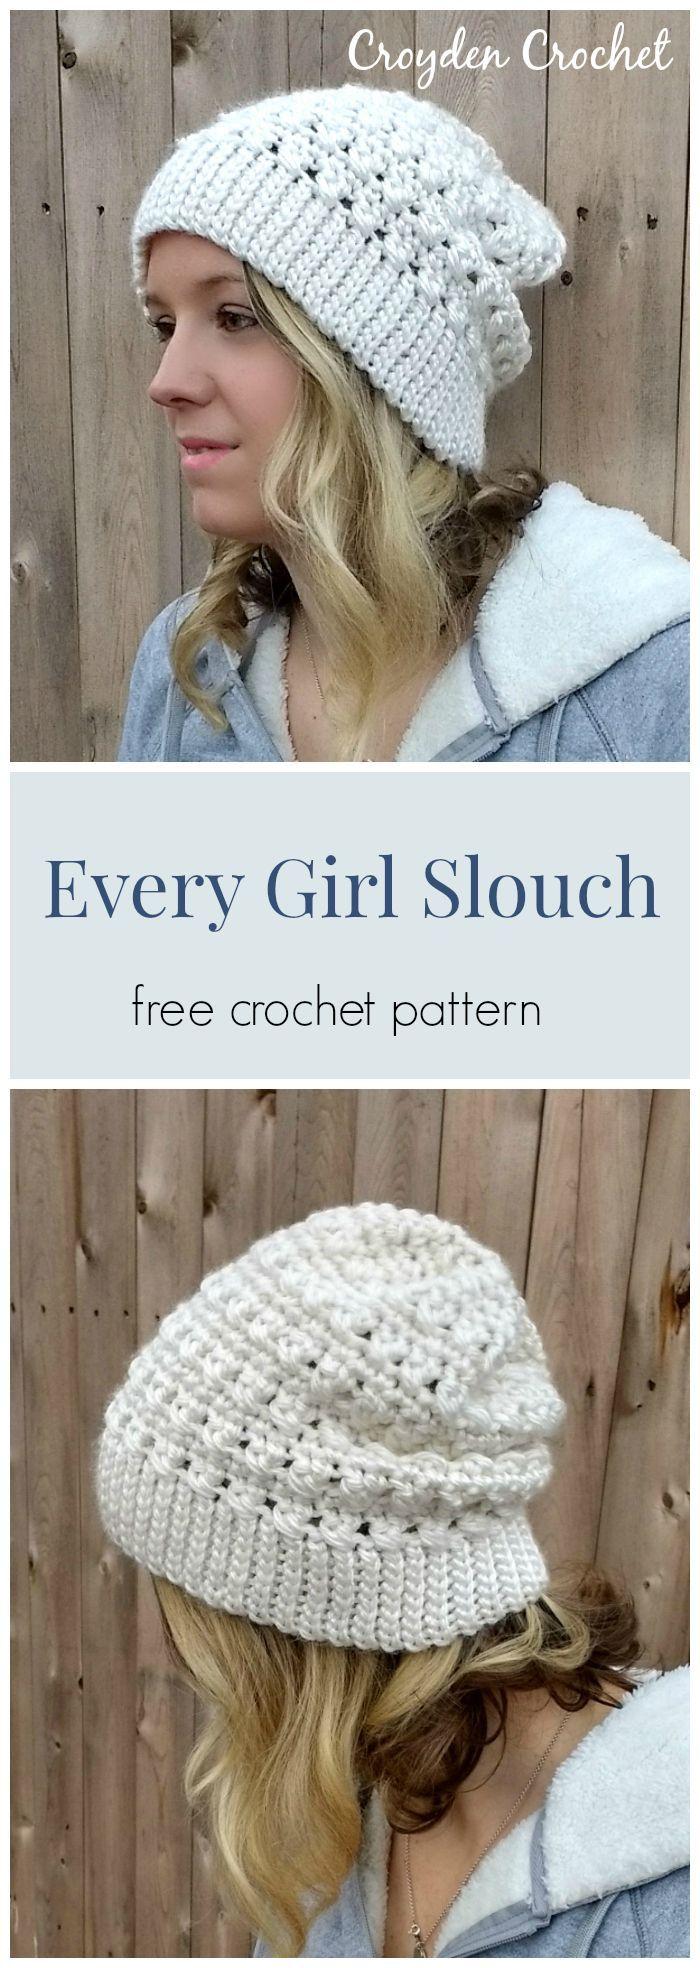 Every girl slouch crochet pattern